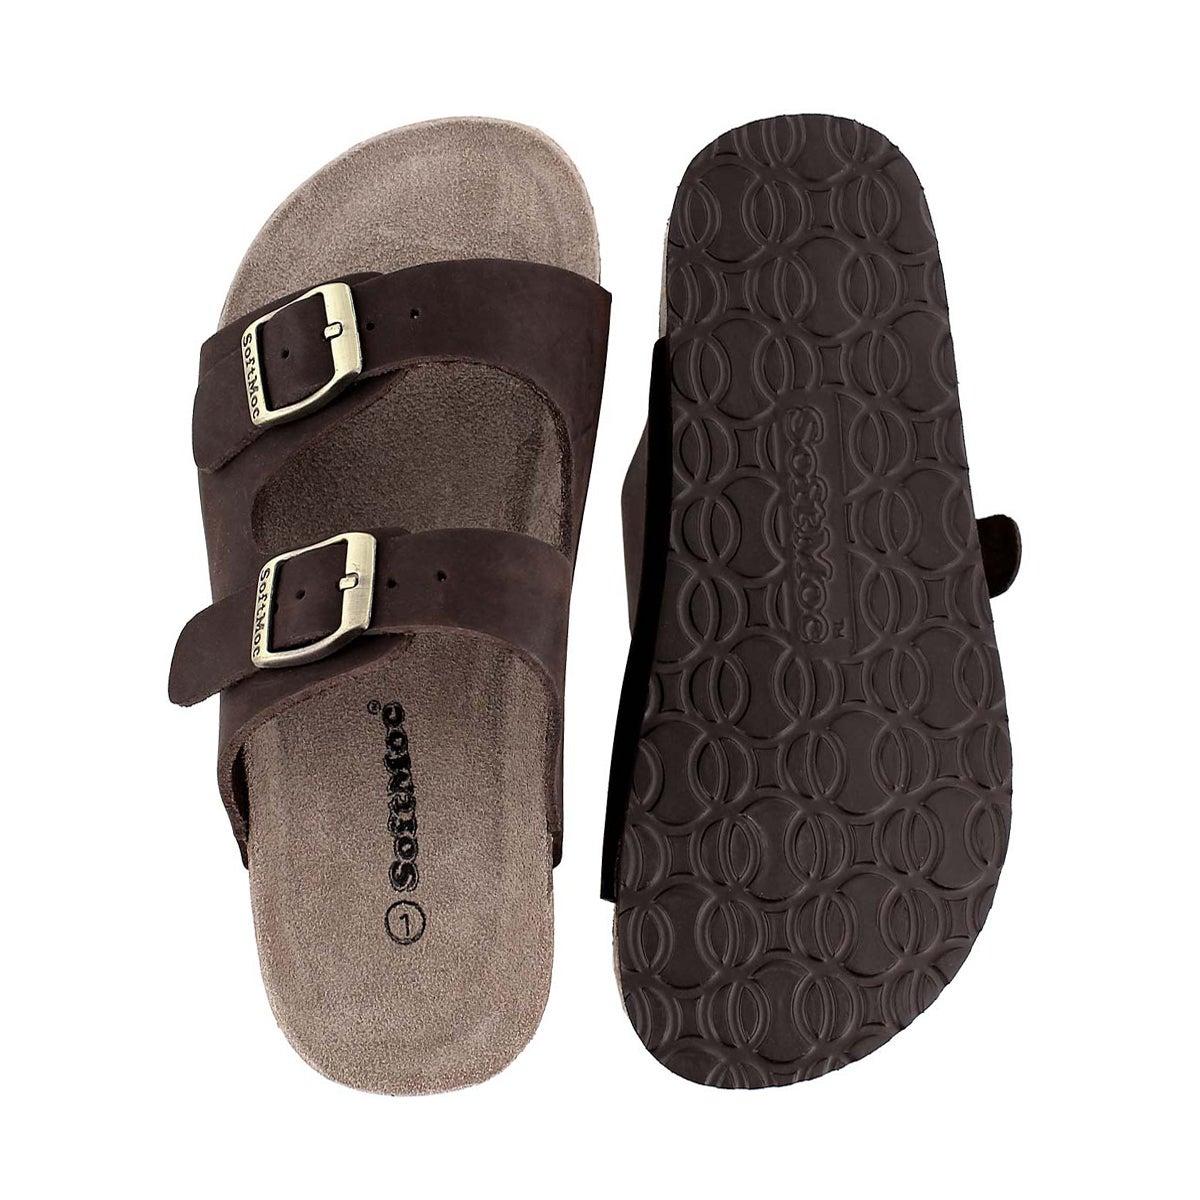 Kds Aurora 2 brown 2 strap slide sandal